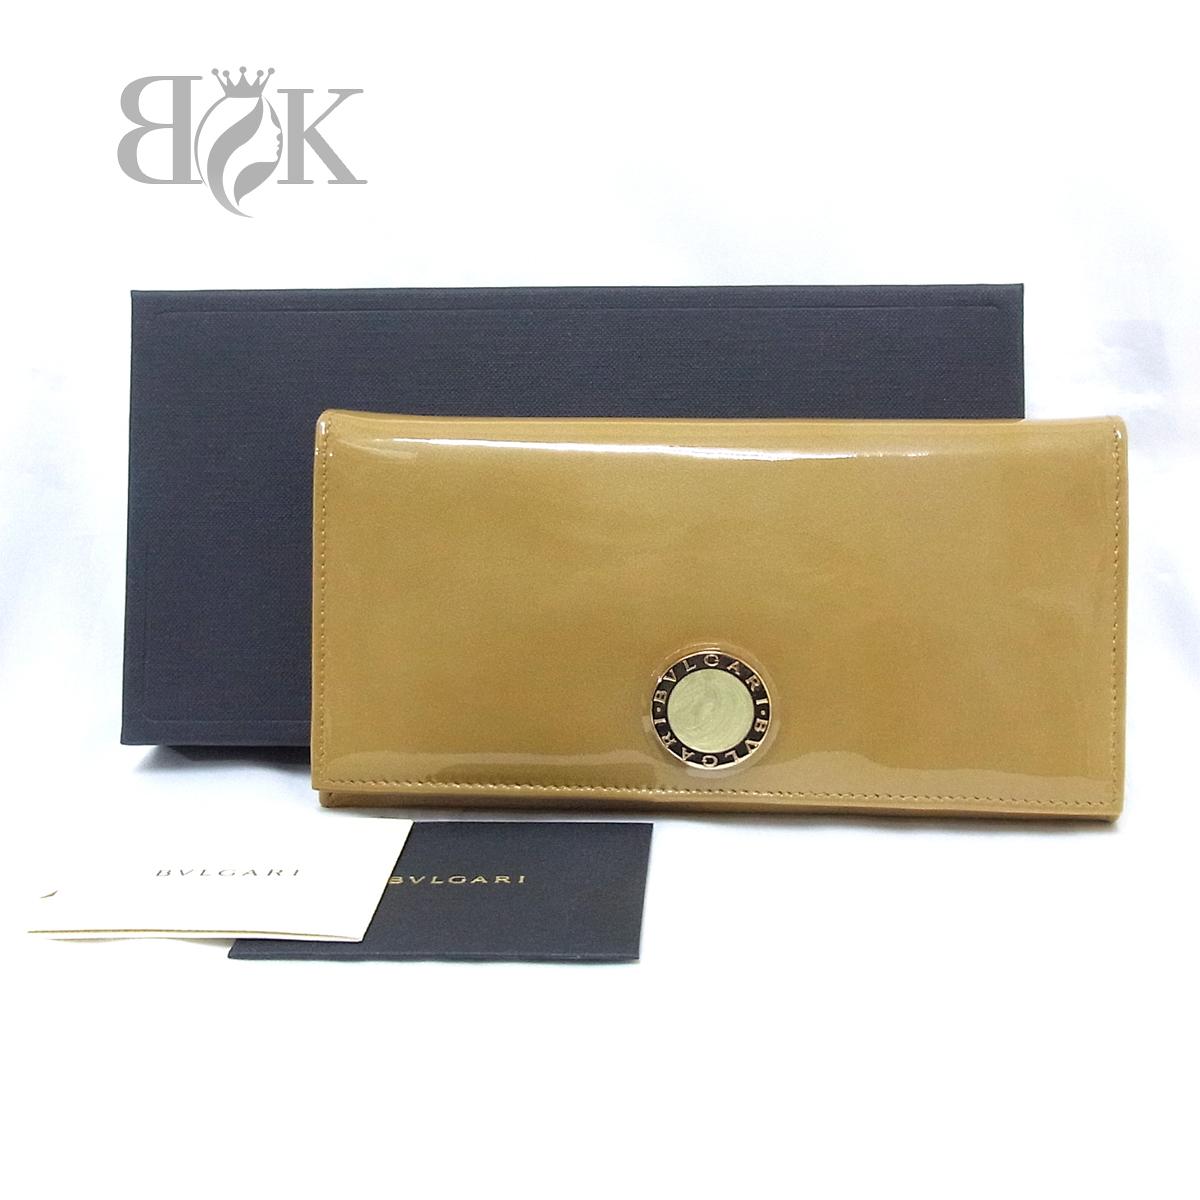 ブルガリ 33761 エナメル アンティークゴールド 長財布 未使用 ● $_画像1